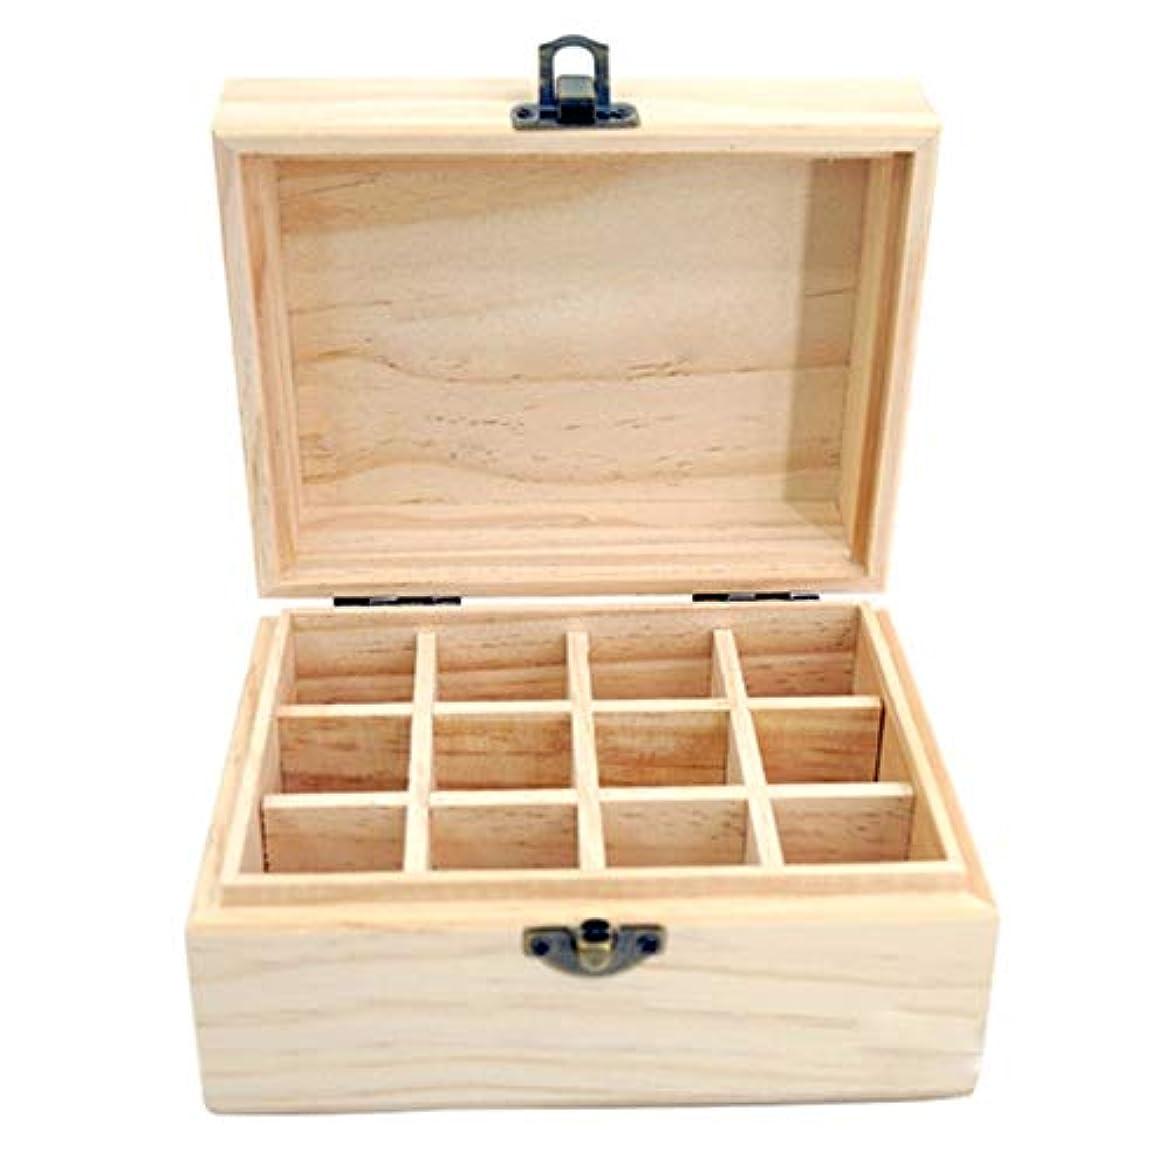 ミケランジェロ汚染されたスティーブンソンエッセンシャルオイルの保管 12スロットエッセンシャルオイル木箱の収納ケースは、あなたの油安全保護さを保つ保護します (色 : Natural, サイズ : 15X11.5X8CM)